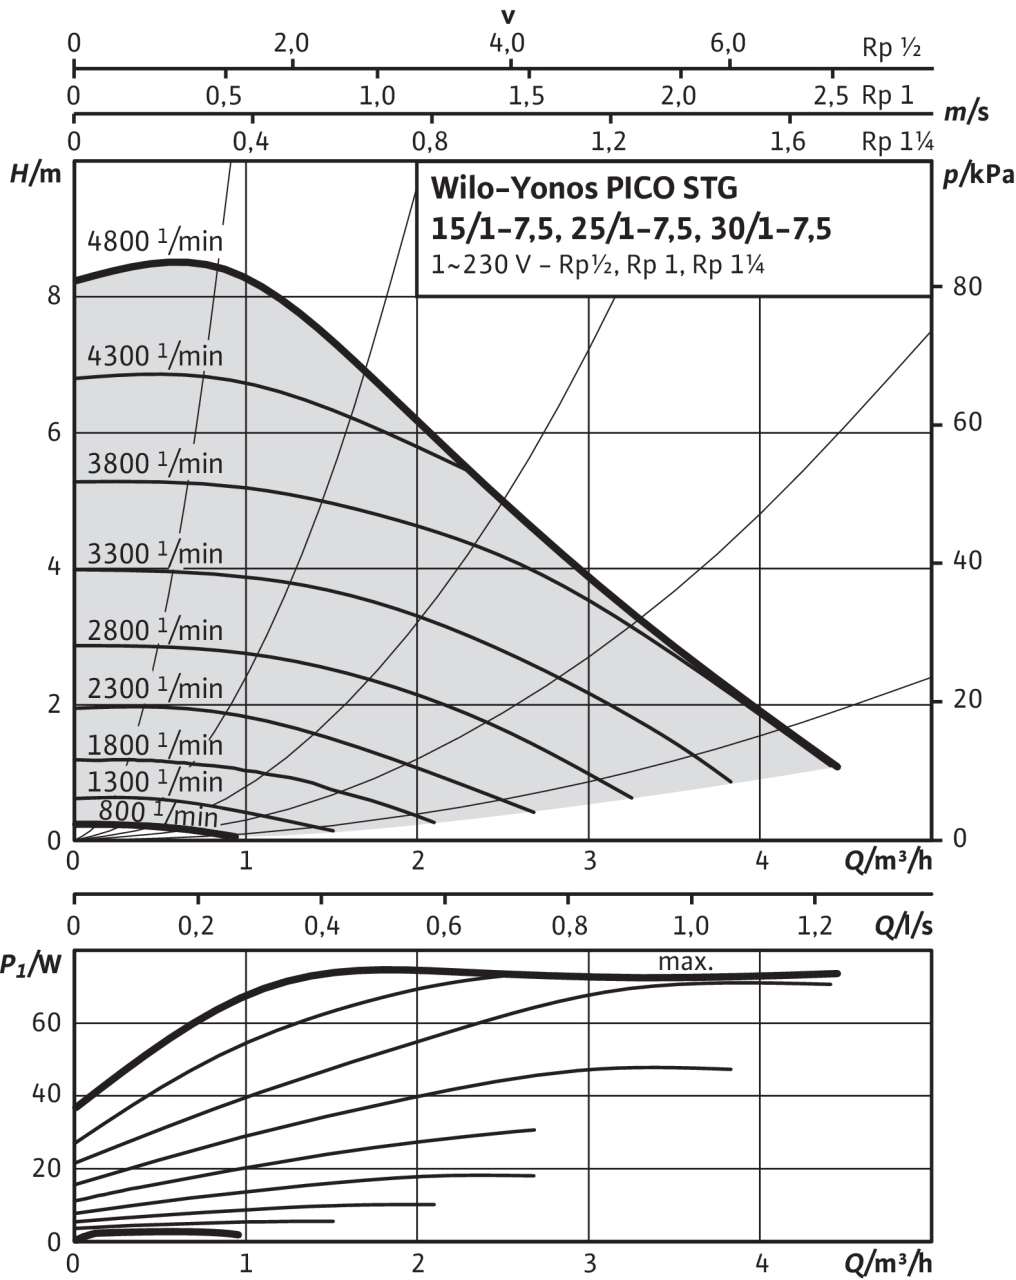 25 30 1 Microsoft W: Yonos PICO-STG 15/1-7.5